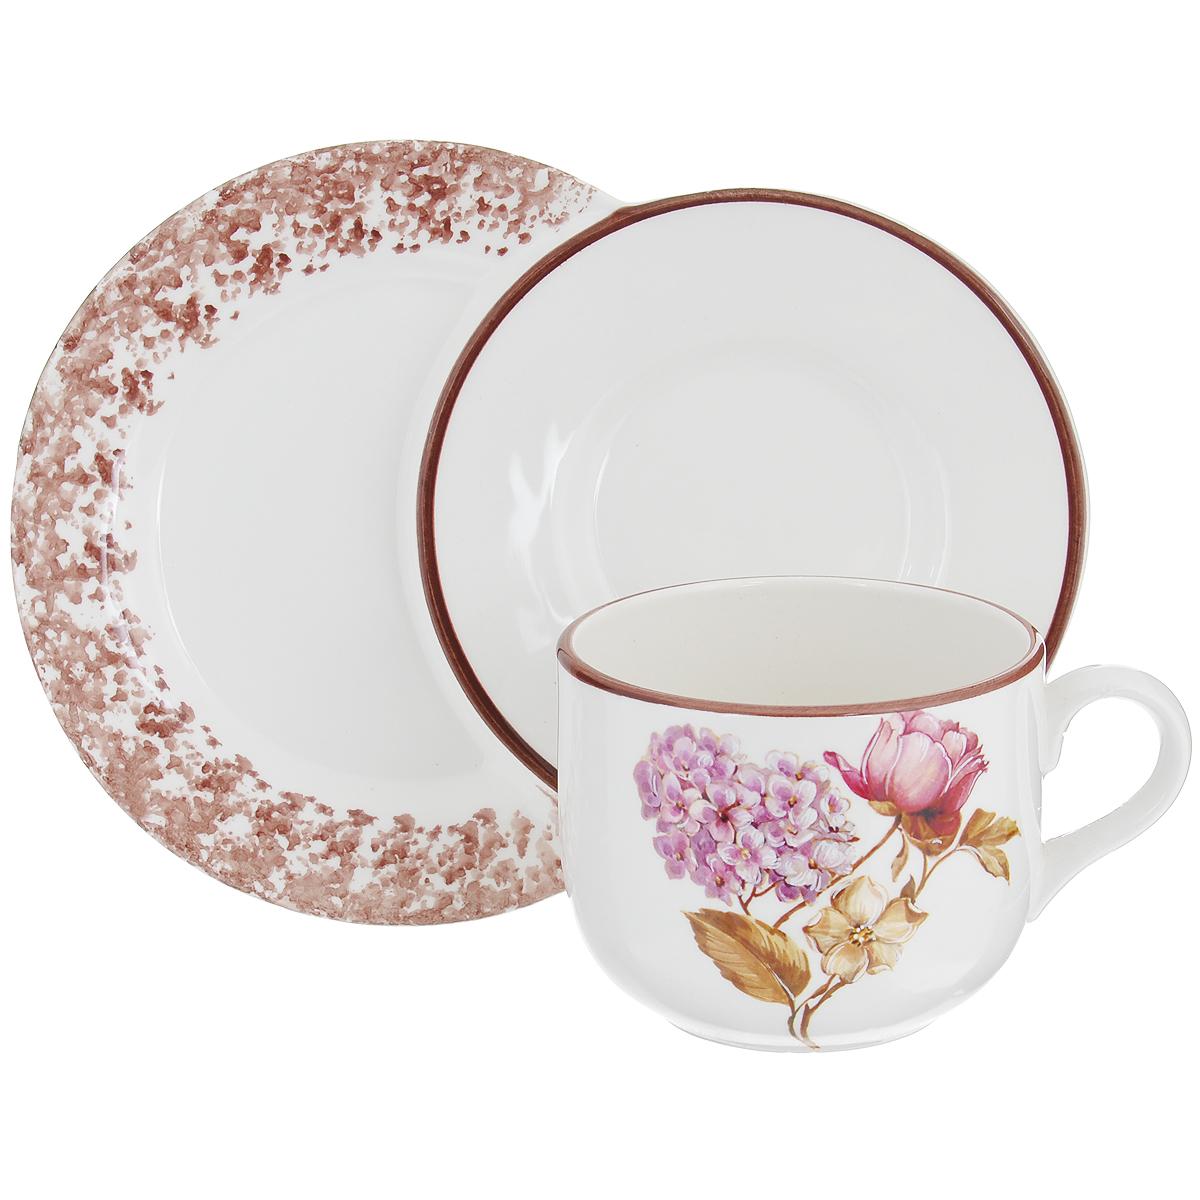 Чашка LCS Сады Флоренции, на подносе, 500 млLCS933TPN-BO-ALЧашка LCS Сады Флоренции изготовлена из высококачественной глазурованной керамики. Внешние стенки изделия оформлены красочным цветочным рисунком. Оригинальный поднос, выполненный в виде двух блюдец, украшен коричневым узором. Поднос очень функционален, так как на него можно поставить и кружку, и положить рядом кусочек торта, конфеты или любой другой десерт. Изящная чашка с подносом не только красиво оформит стол к чаепитию, но и станет прекрасным подарком друзьям и близким.